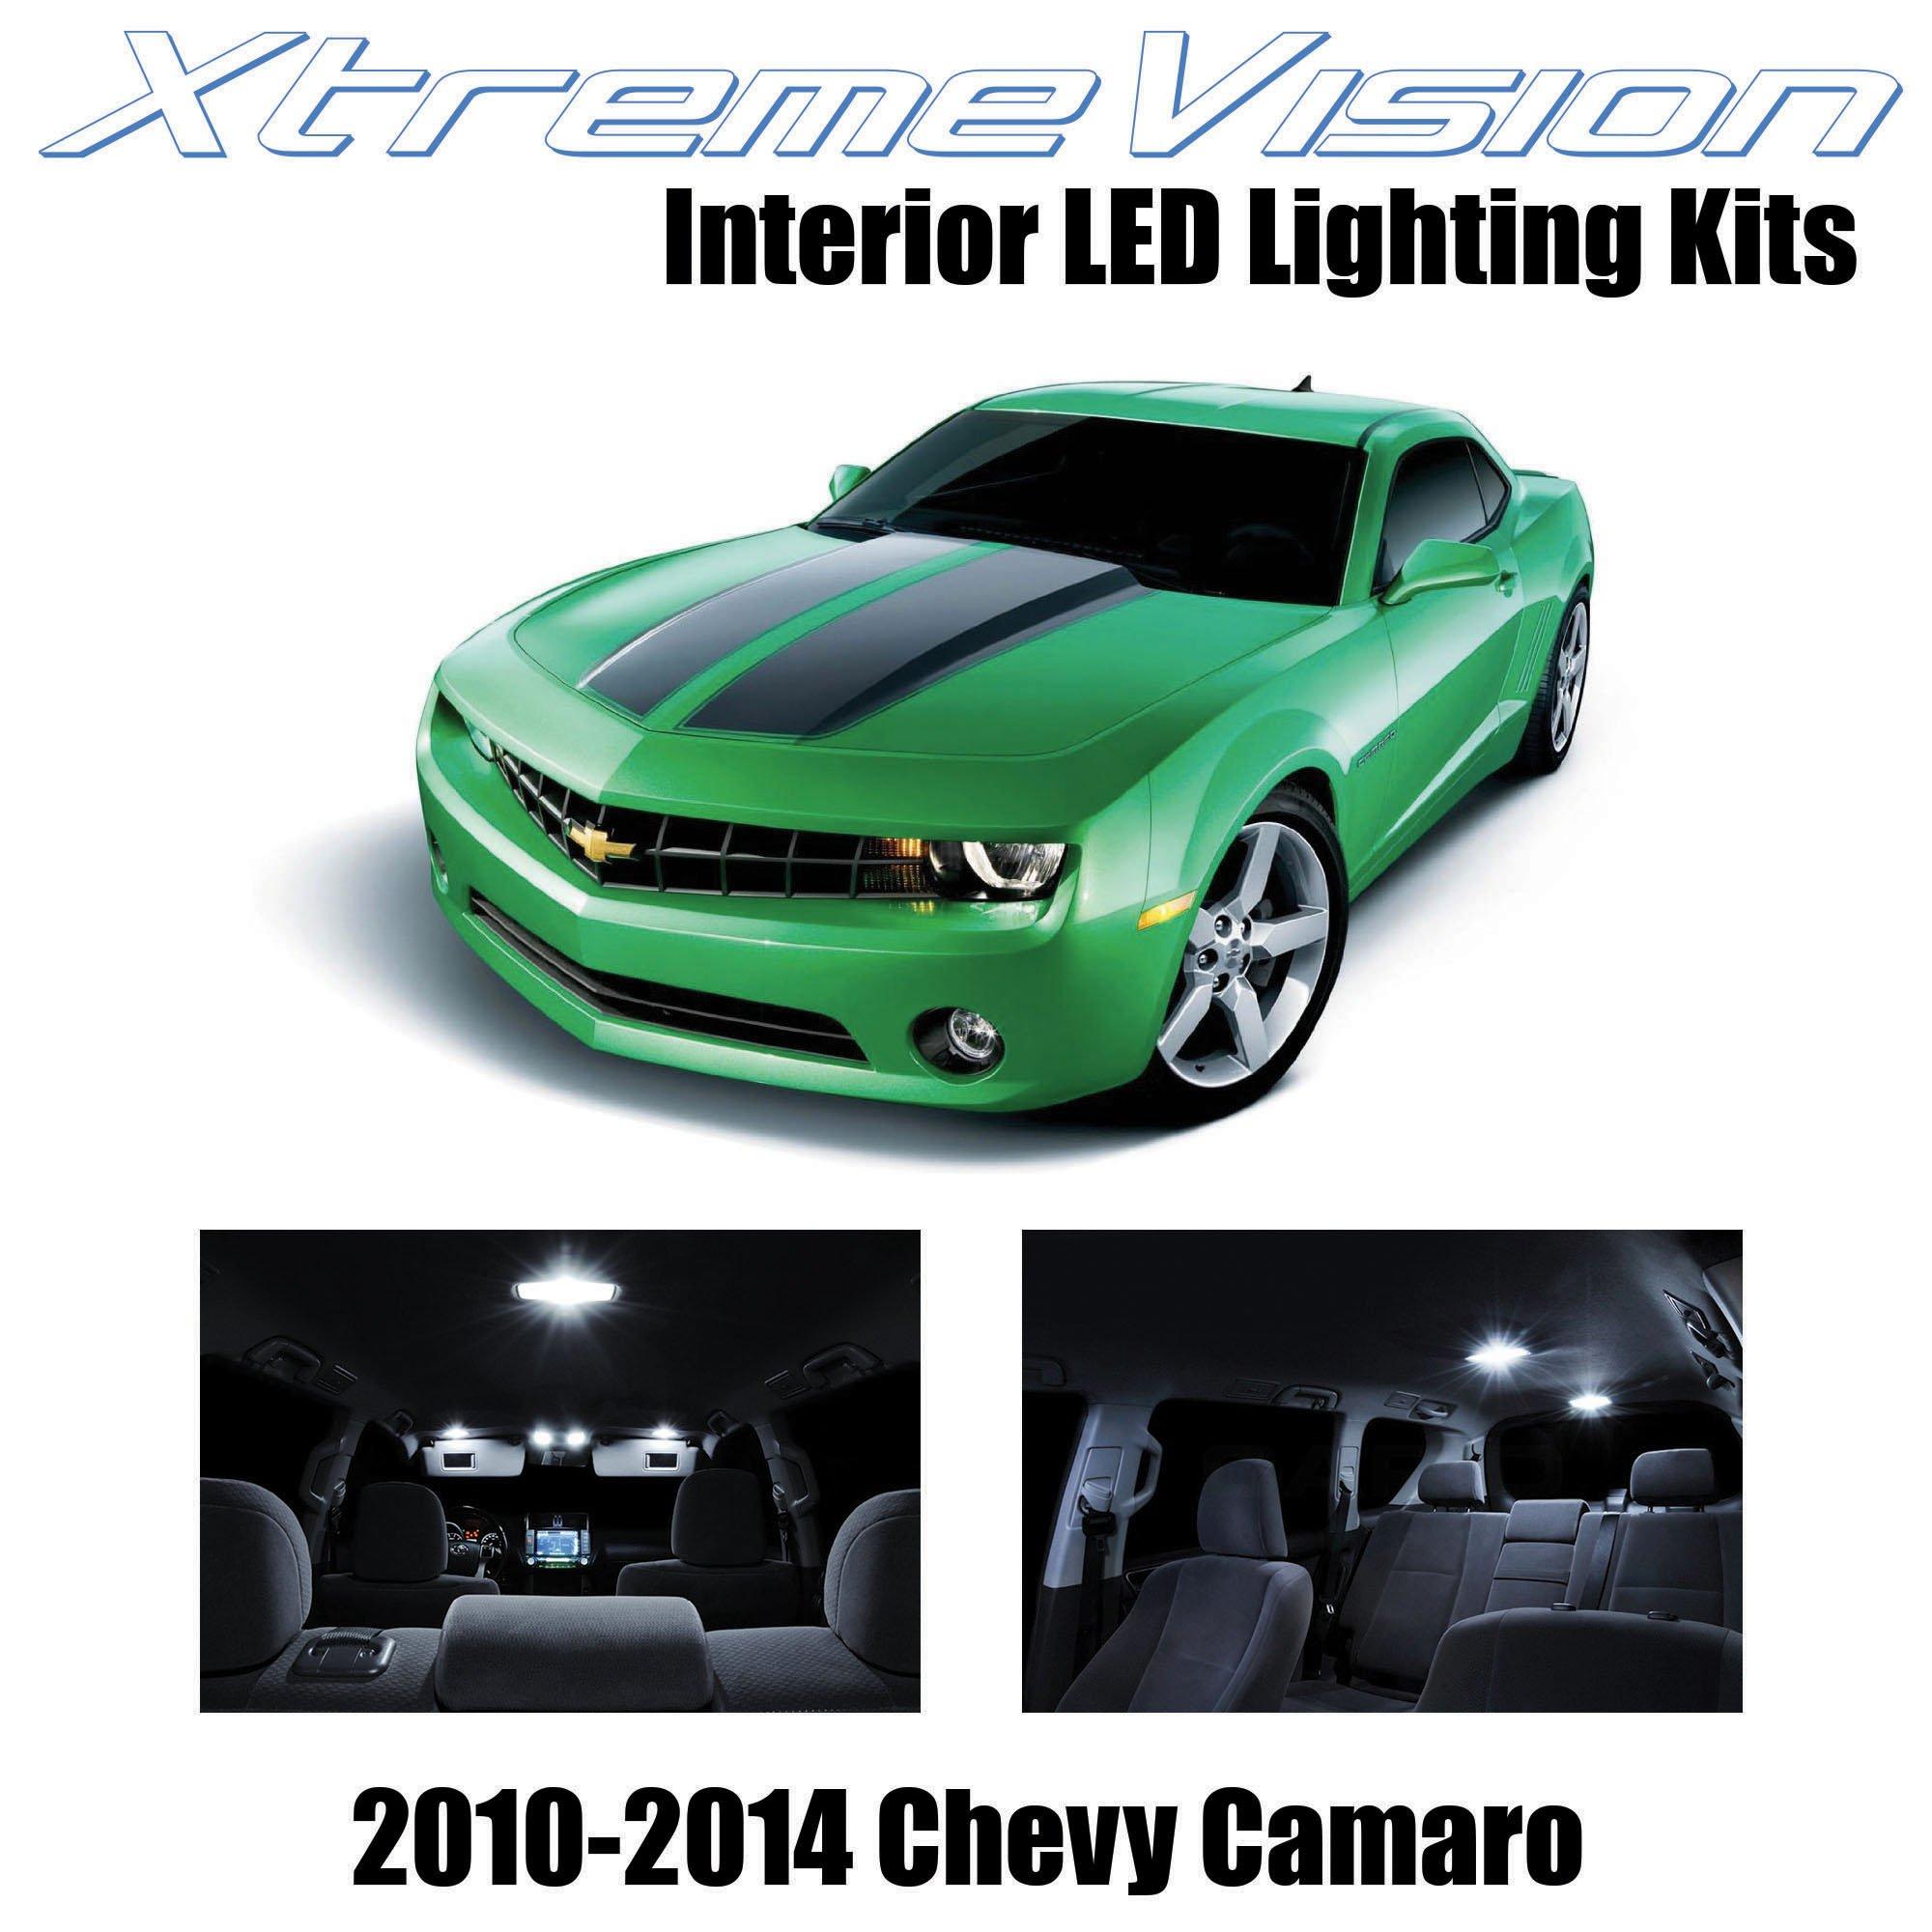 Envelope Trunk Cargo Net For Chevrolet Camaro 2010 2011 2012 2013 2014 2015 Trunknets Inc 2010-2015